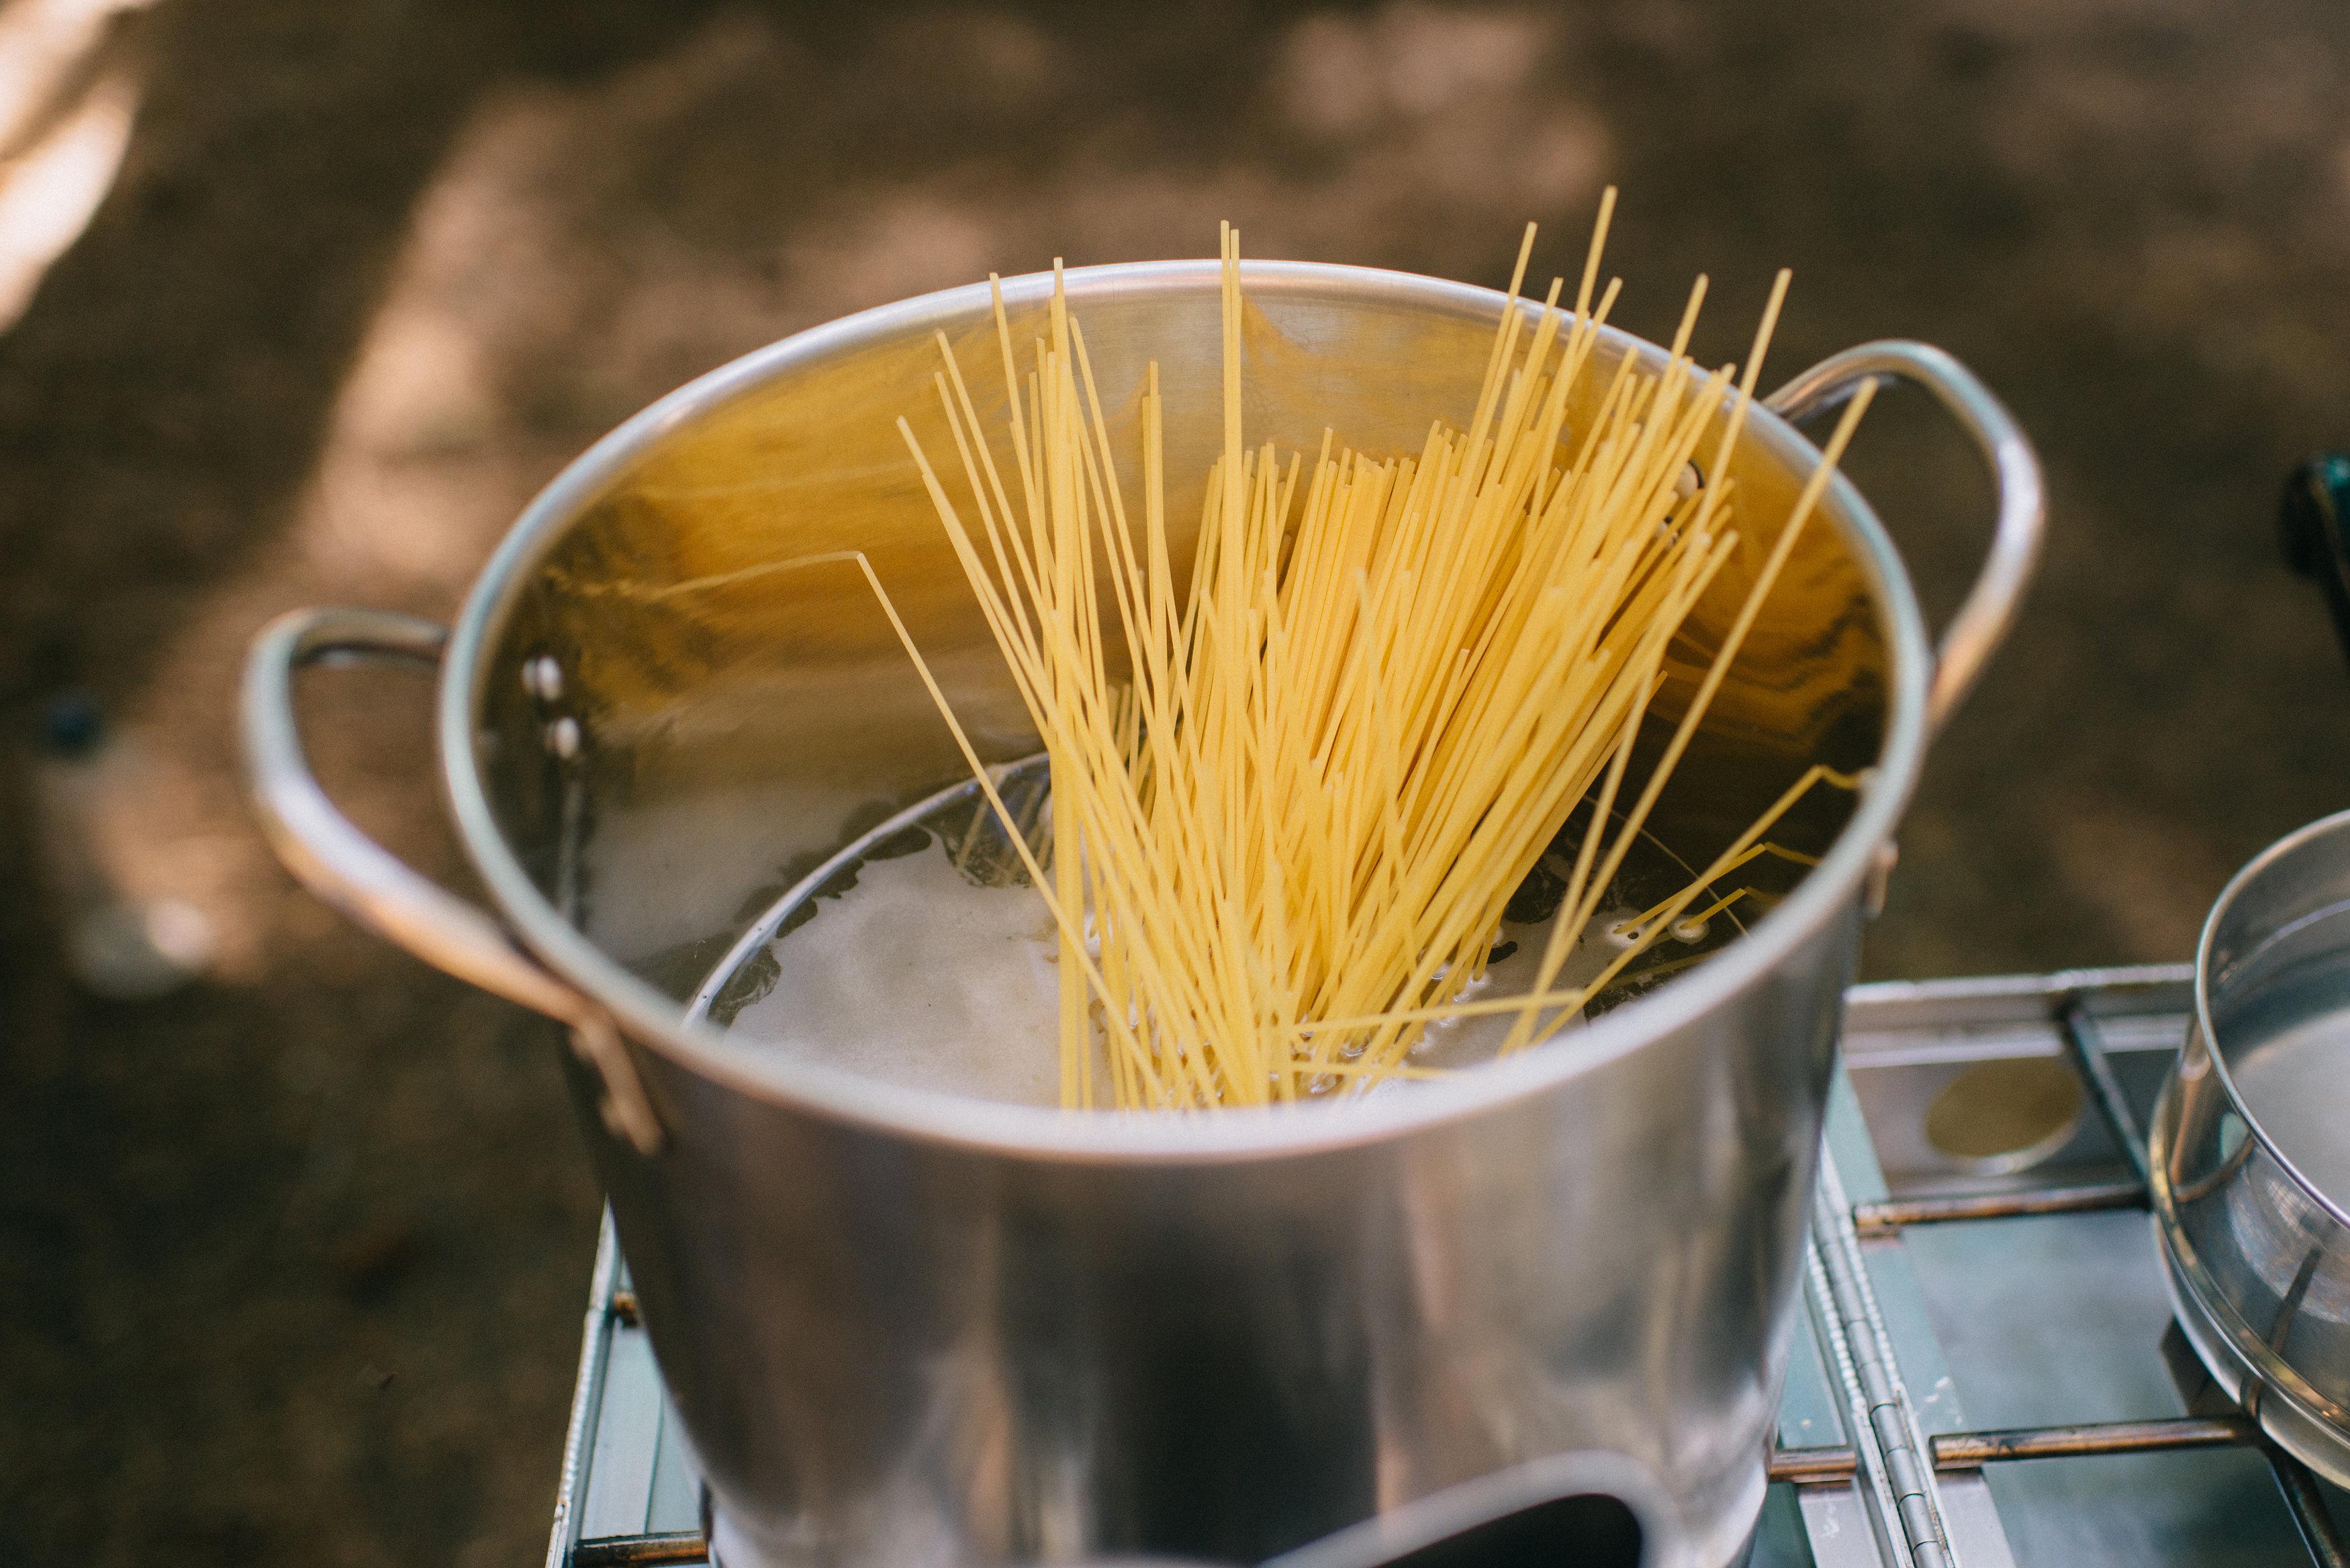 Spaghetti Noodles by Karen Wang